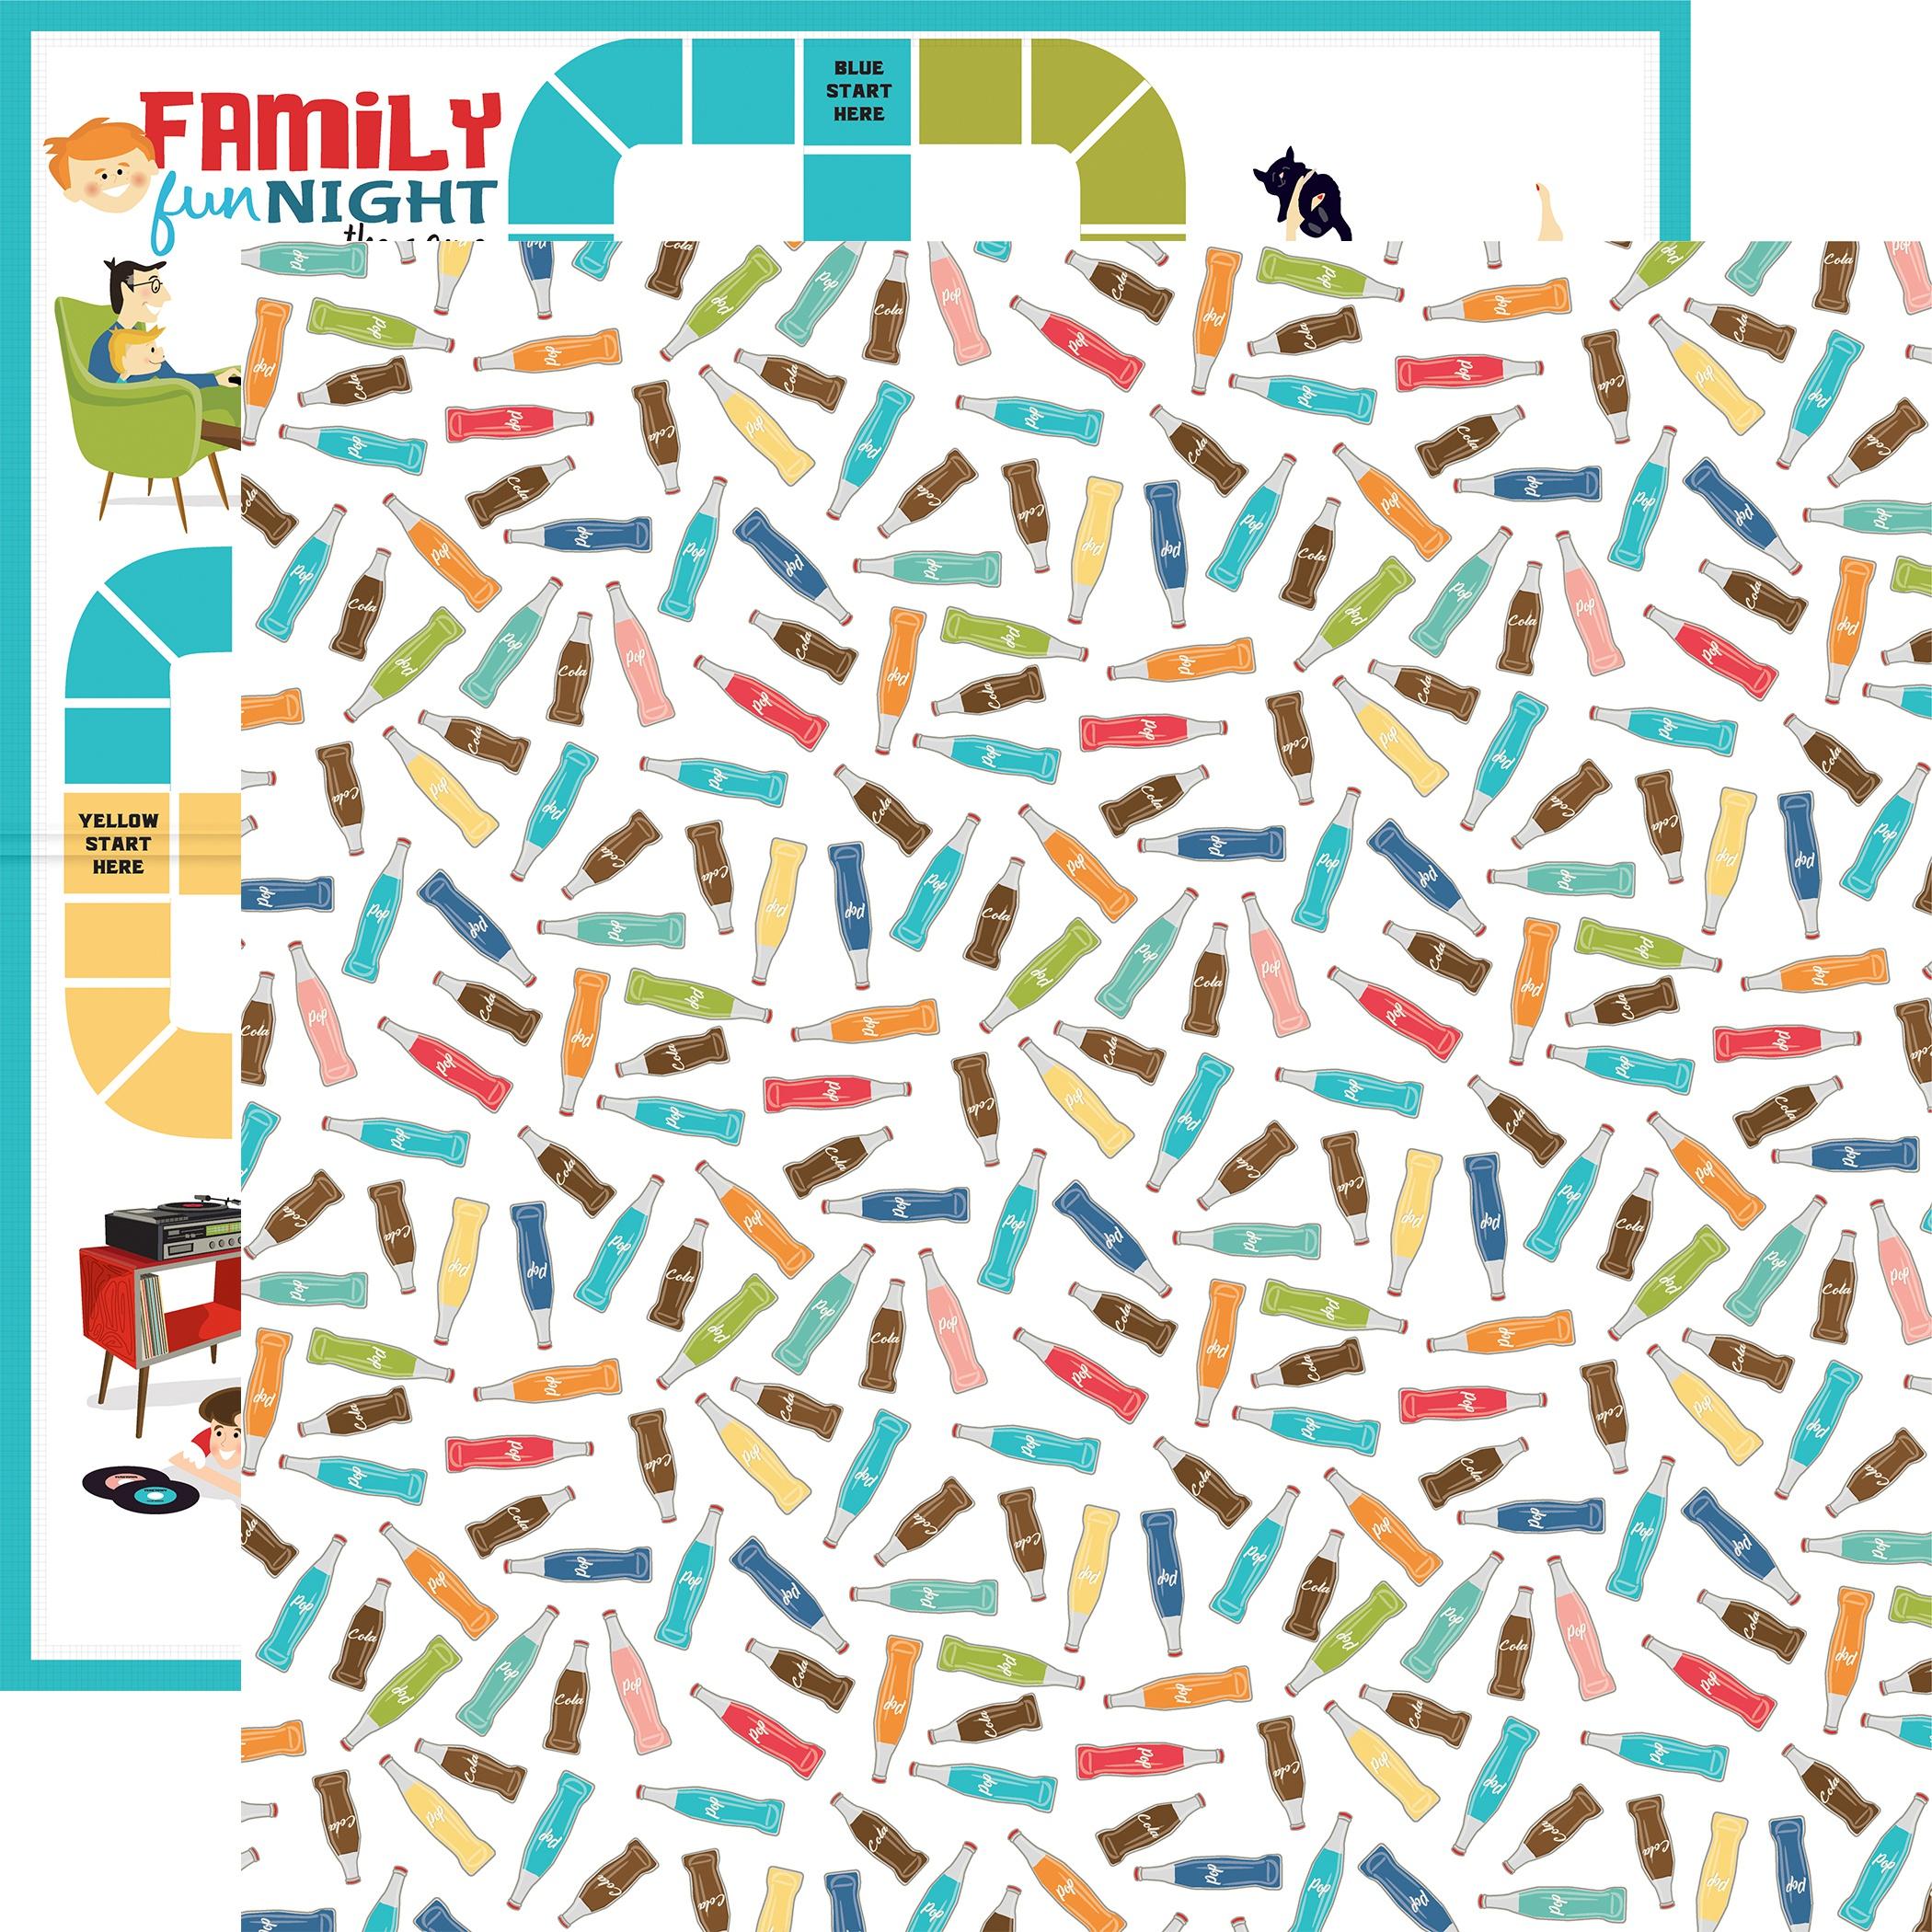 Family Night - Soda